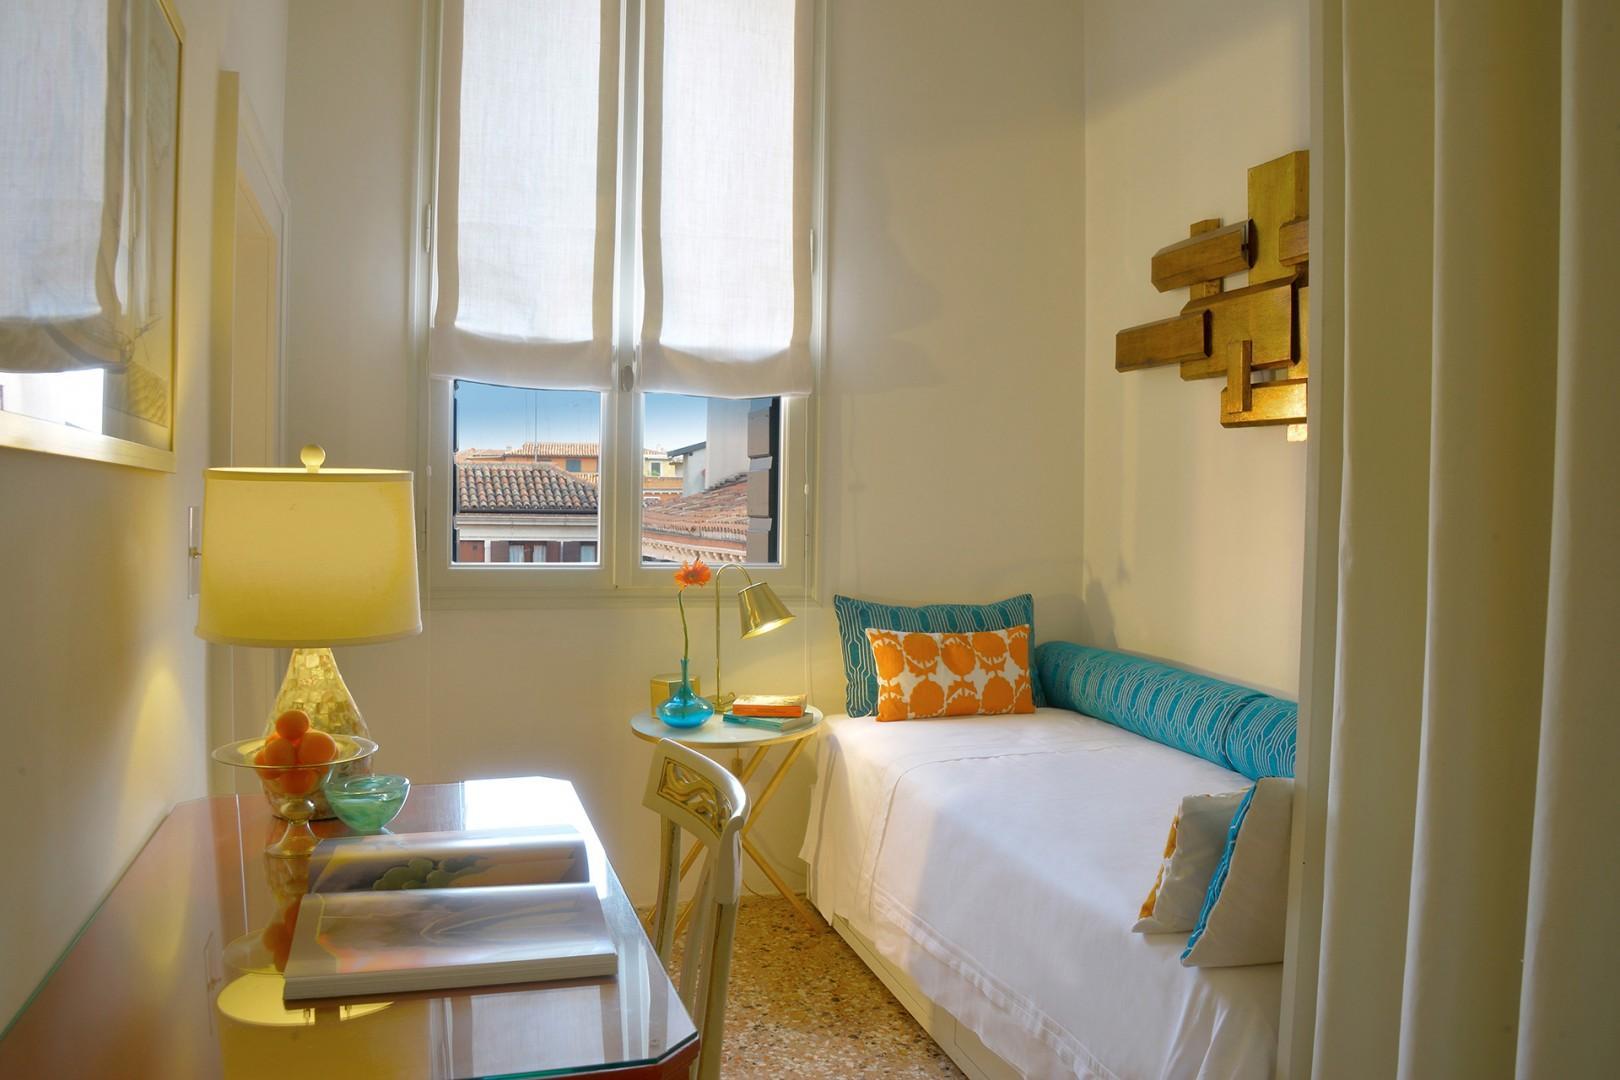 A door in bedroom 2 leads to bedroom 3 that has one bed.